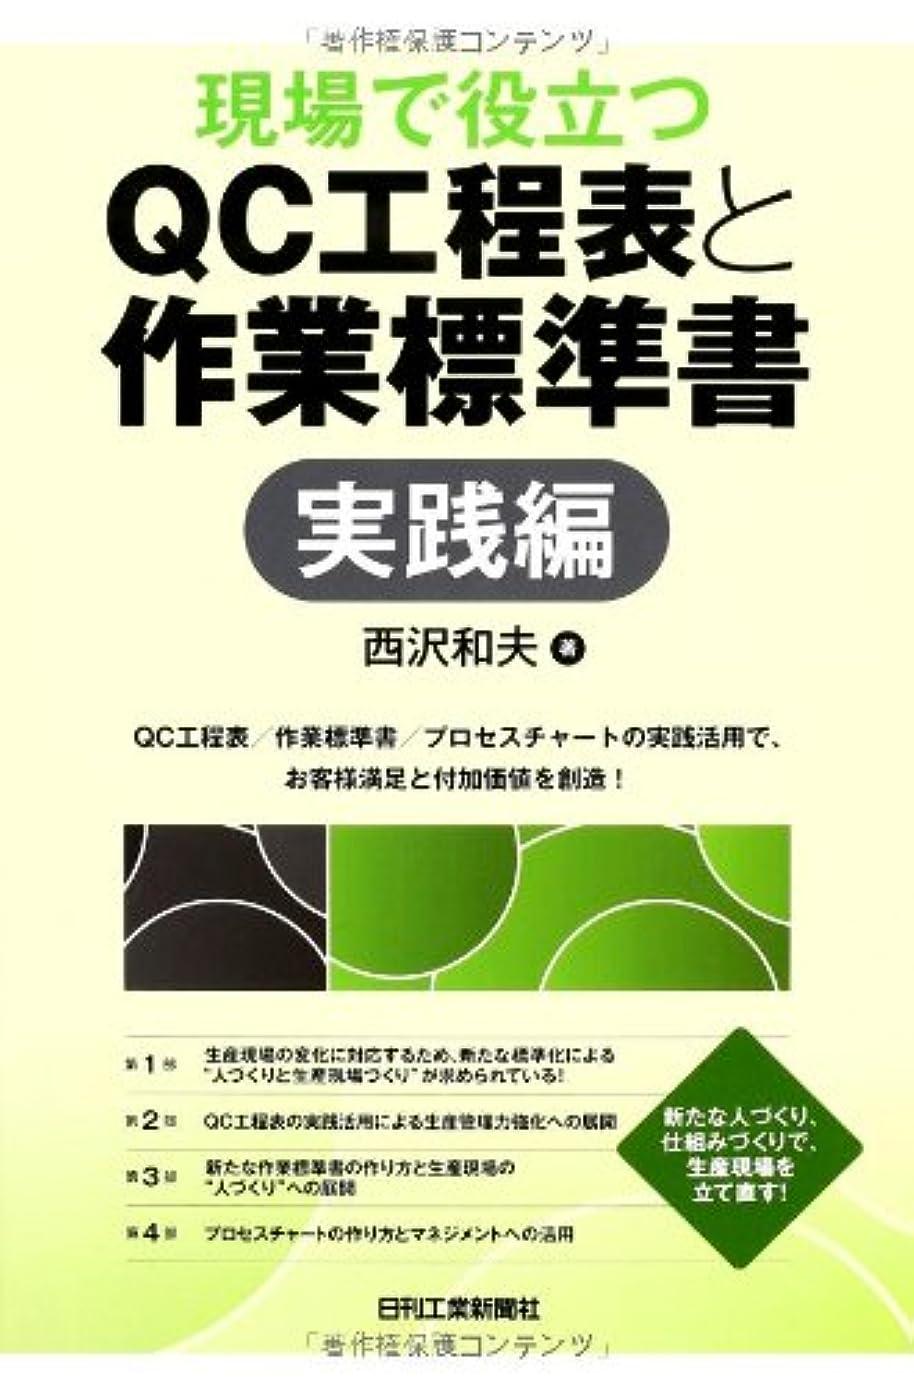 一瞬瞳アコー現場で役立つQC工程表と作業標準書「実践編」